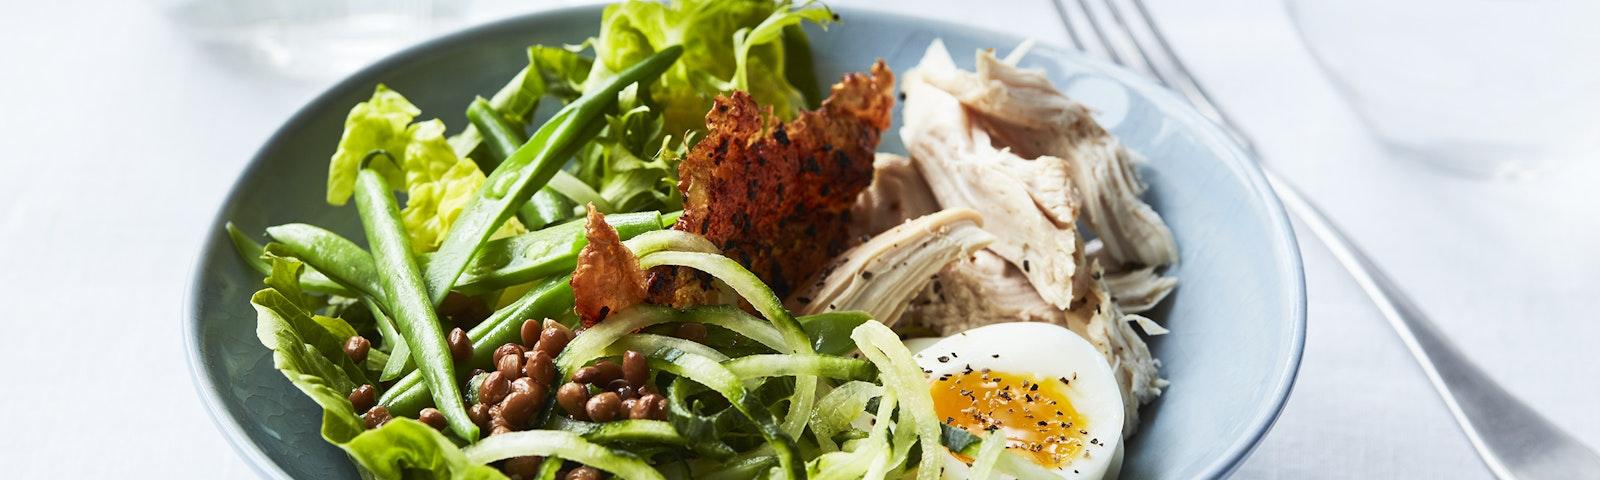 Salat bowl med kylling & æg